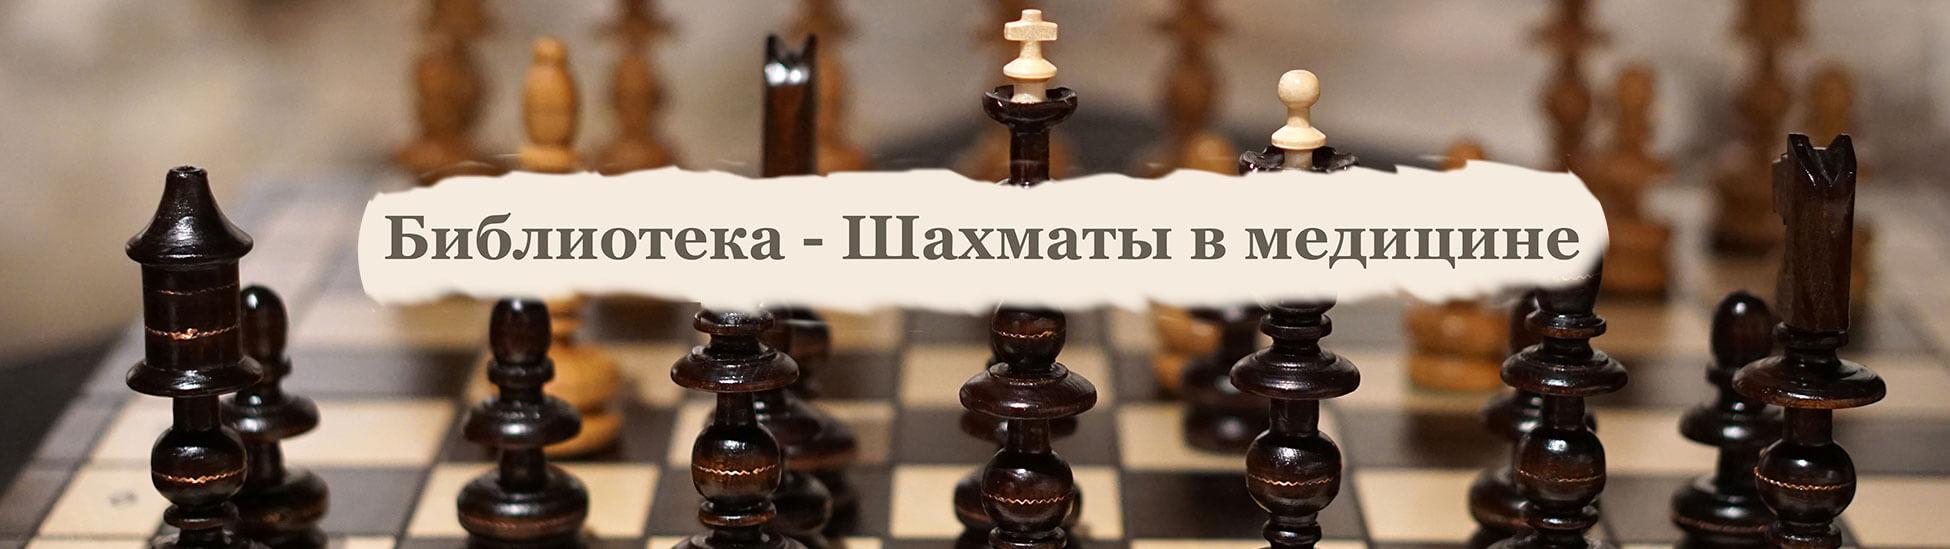 Библиотека - Шахматы в медицине